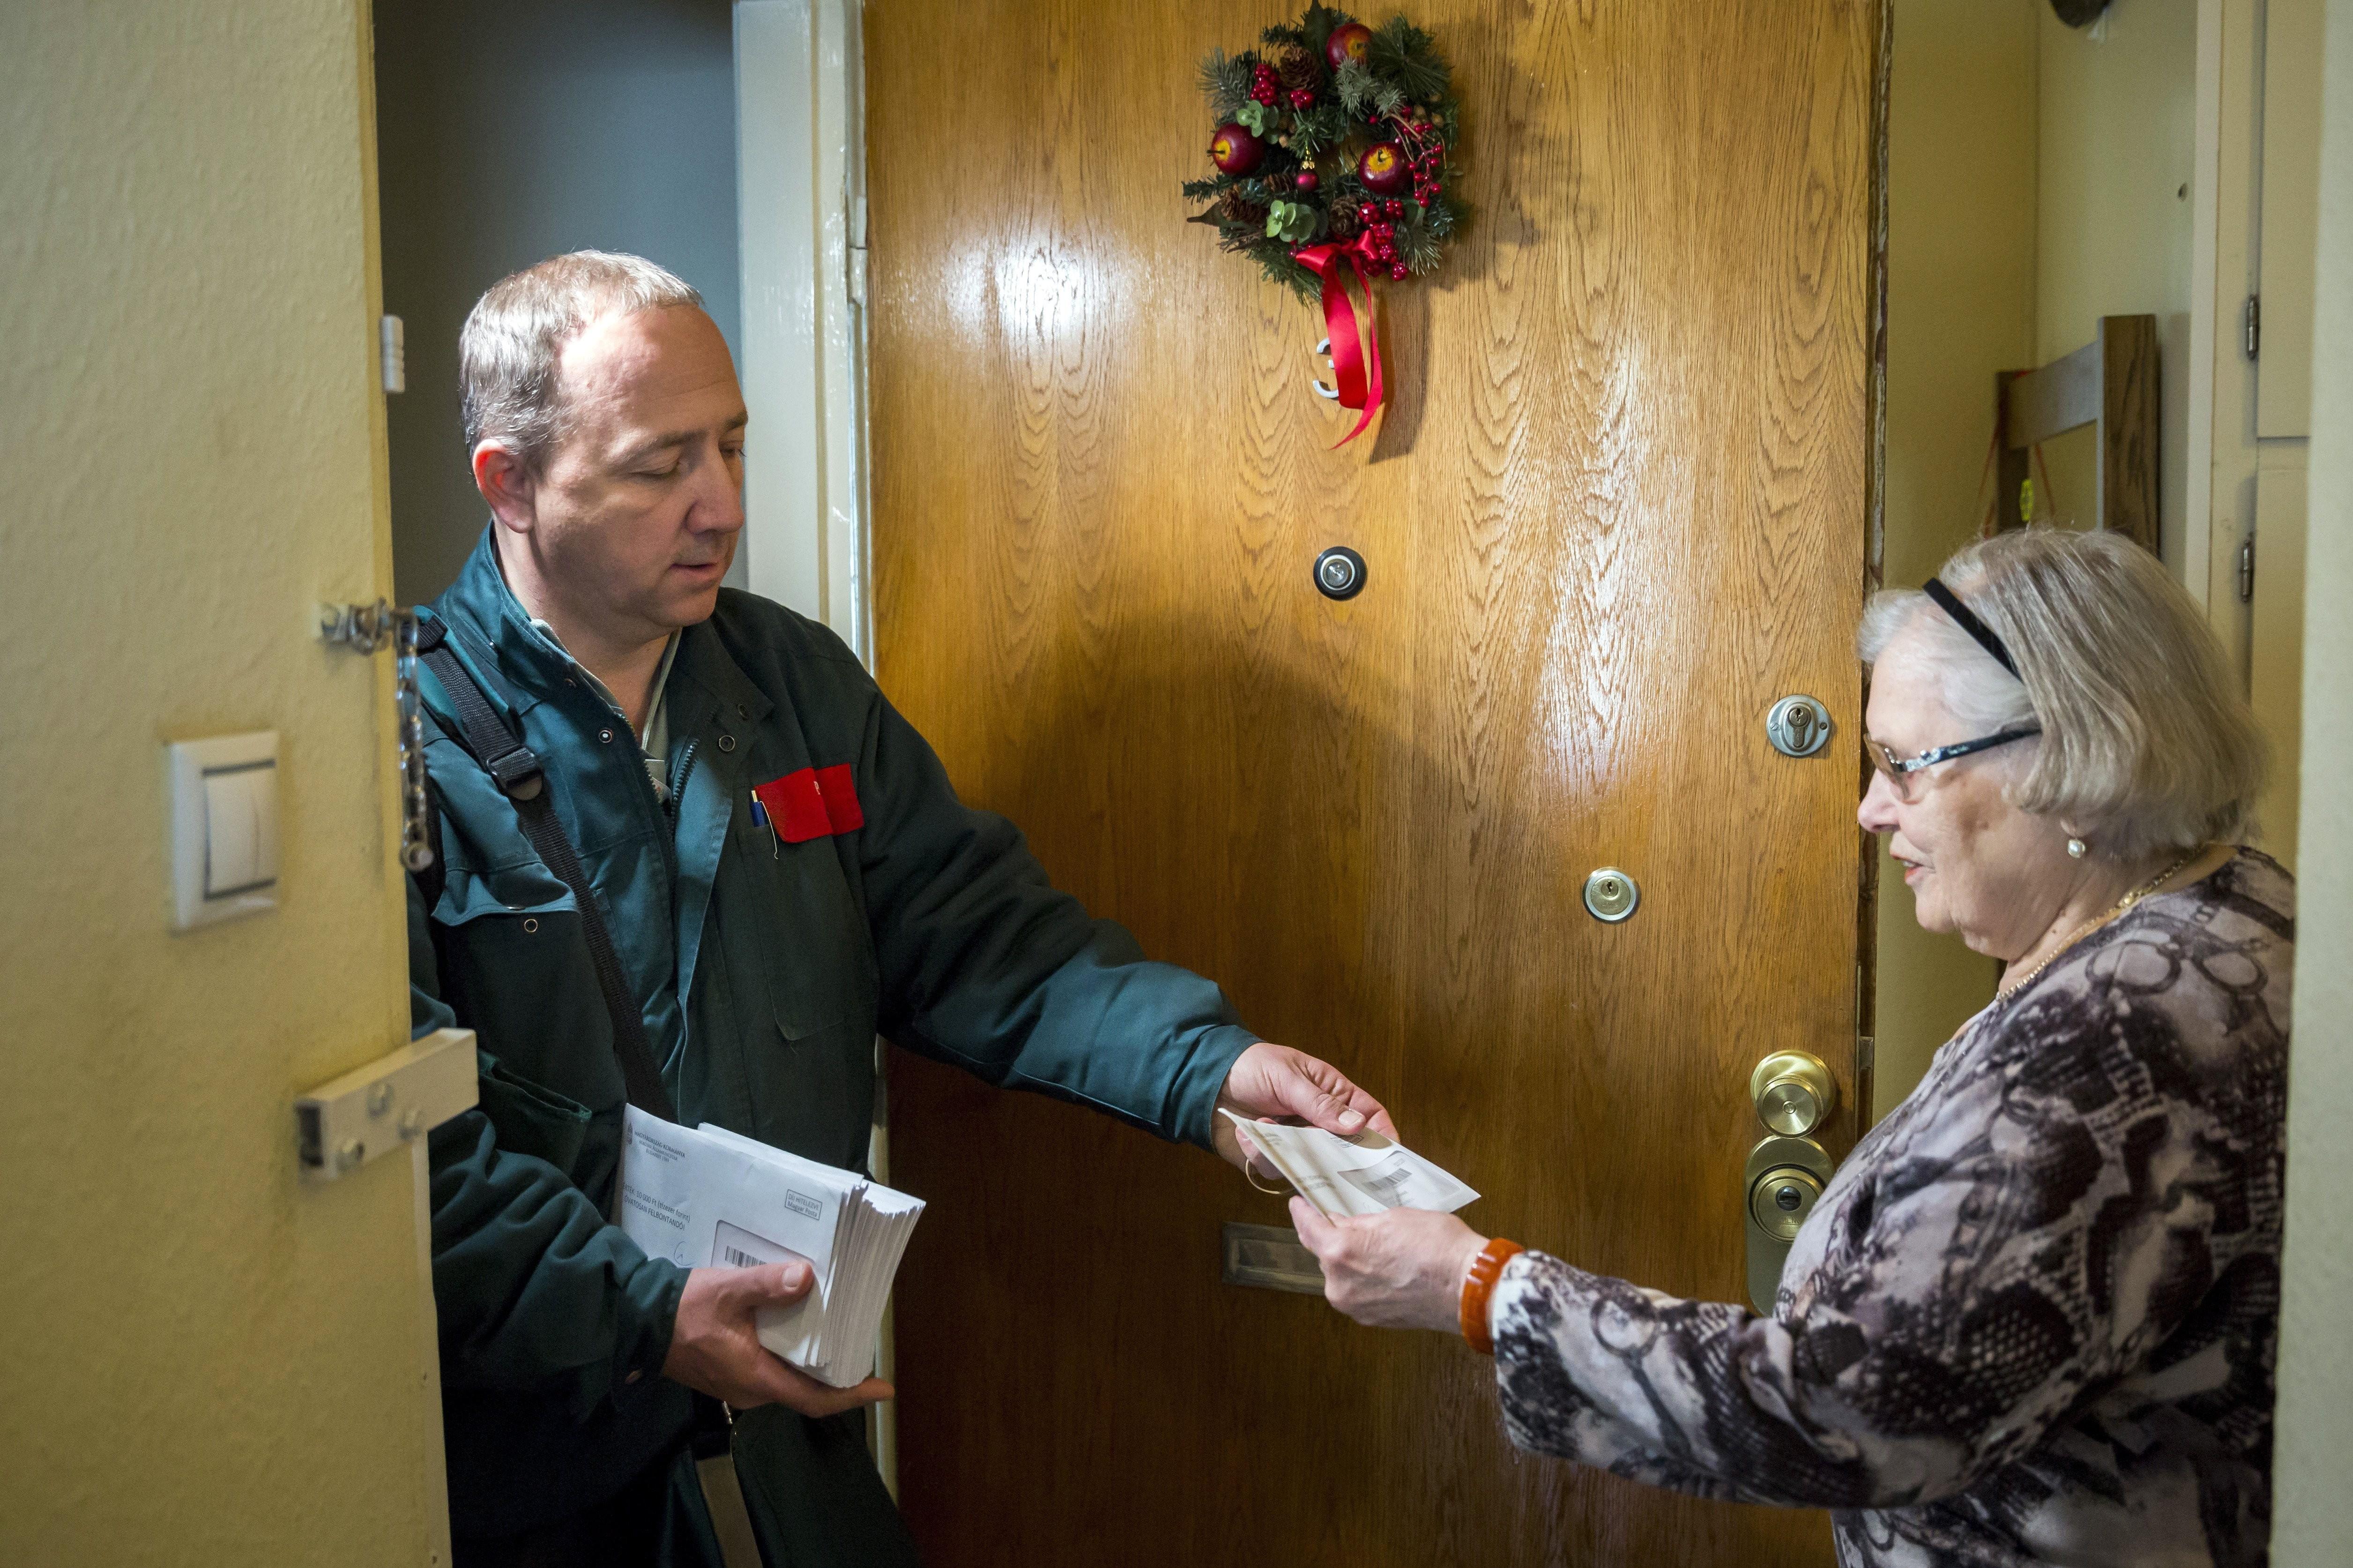 Az Erzsébet-utalványokat eddig juttatja el a posta a nyugdíjasoknak